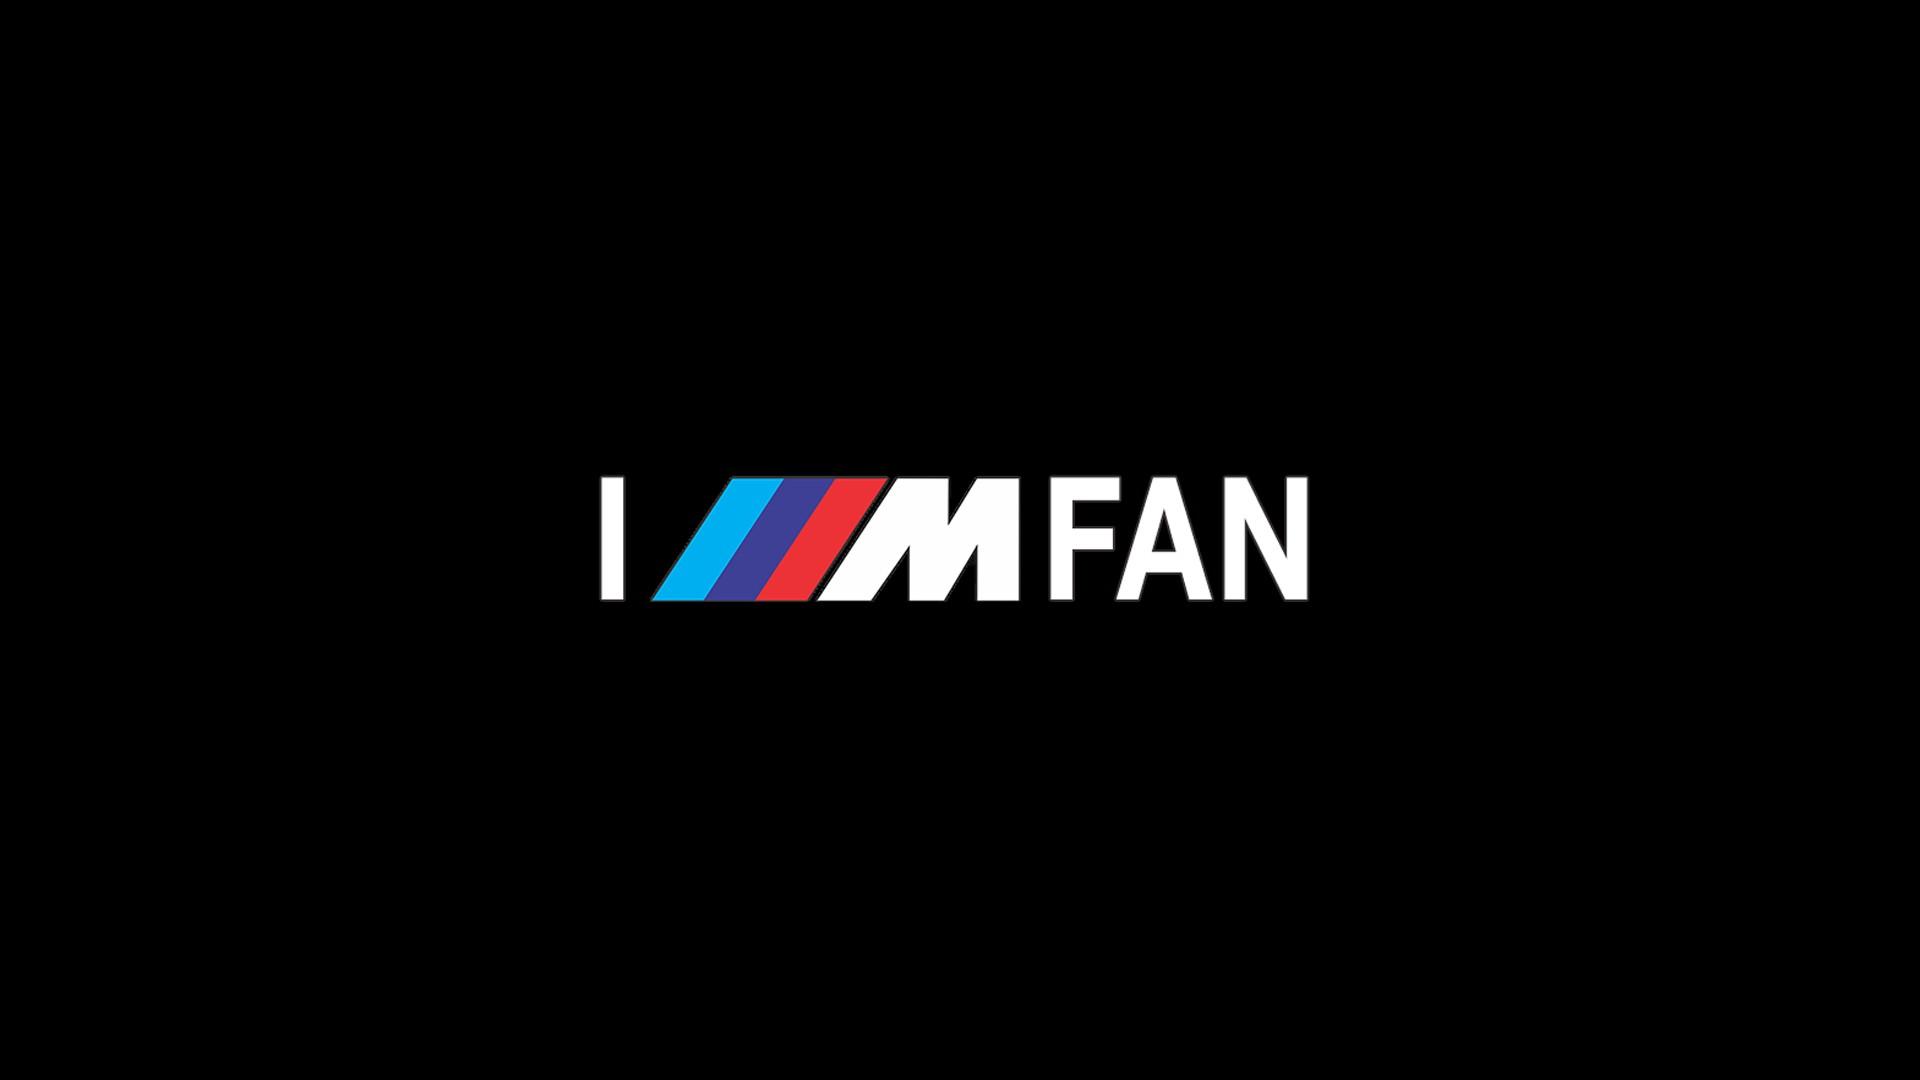 Wallpaper 1920x1080 Px Bmw Bmw M Fan Art Logo